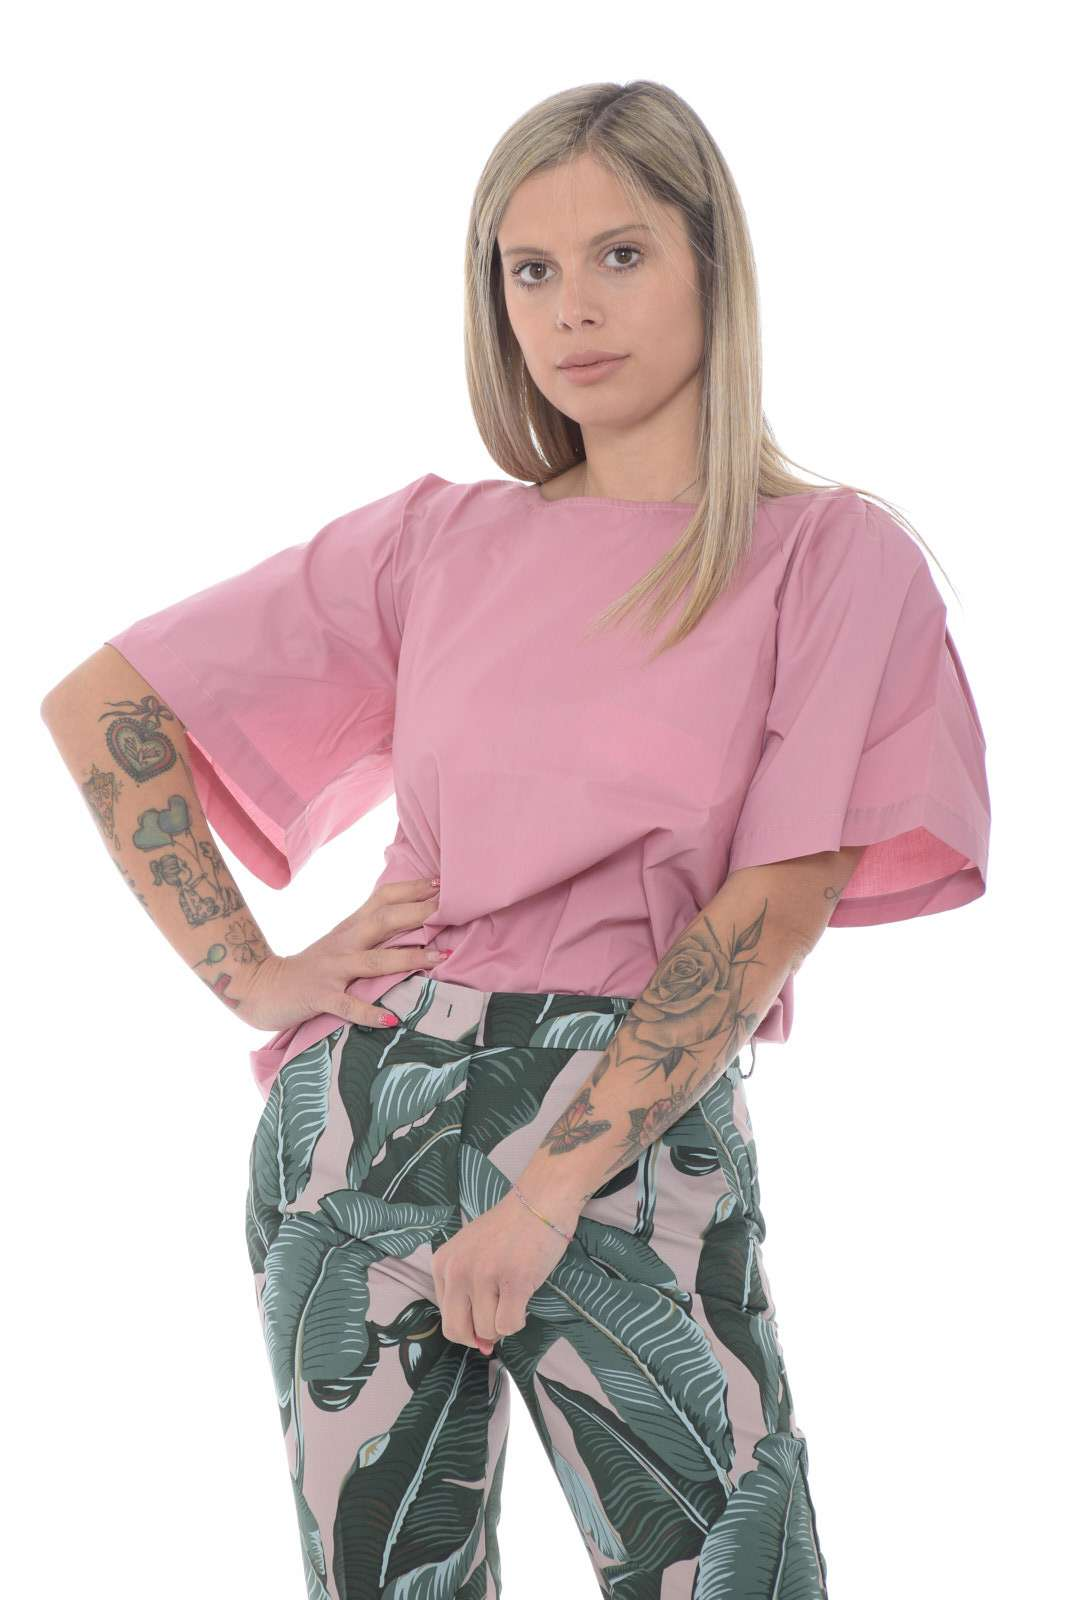 Una blusa dallo stile T shirt quella proposta per la collezione spring summer di Weekend Max Mara. Una vestibilità oversize caratterizzata dalle maniche ampie a palloncino e dall'inserto in contrasto di tessuto sul davanti. Versatile e raffinata può essere indossata sia con look formali che informali.